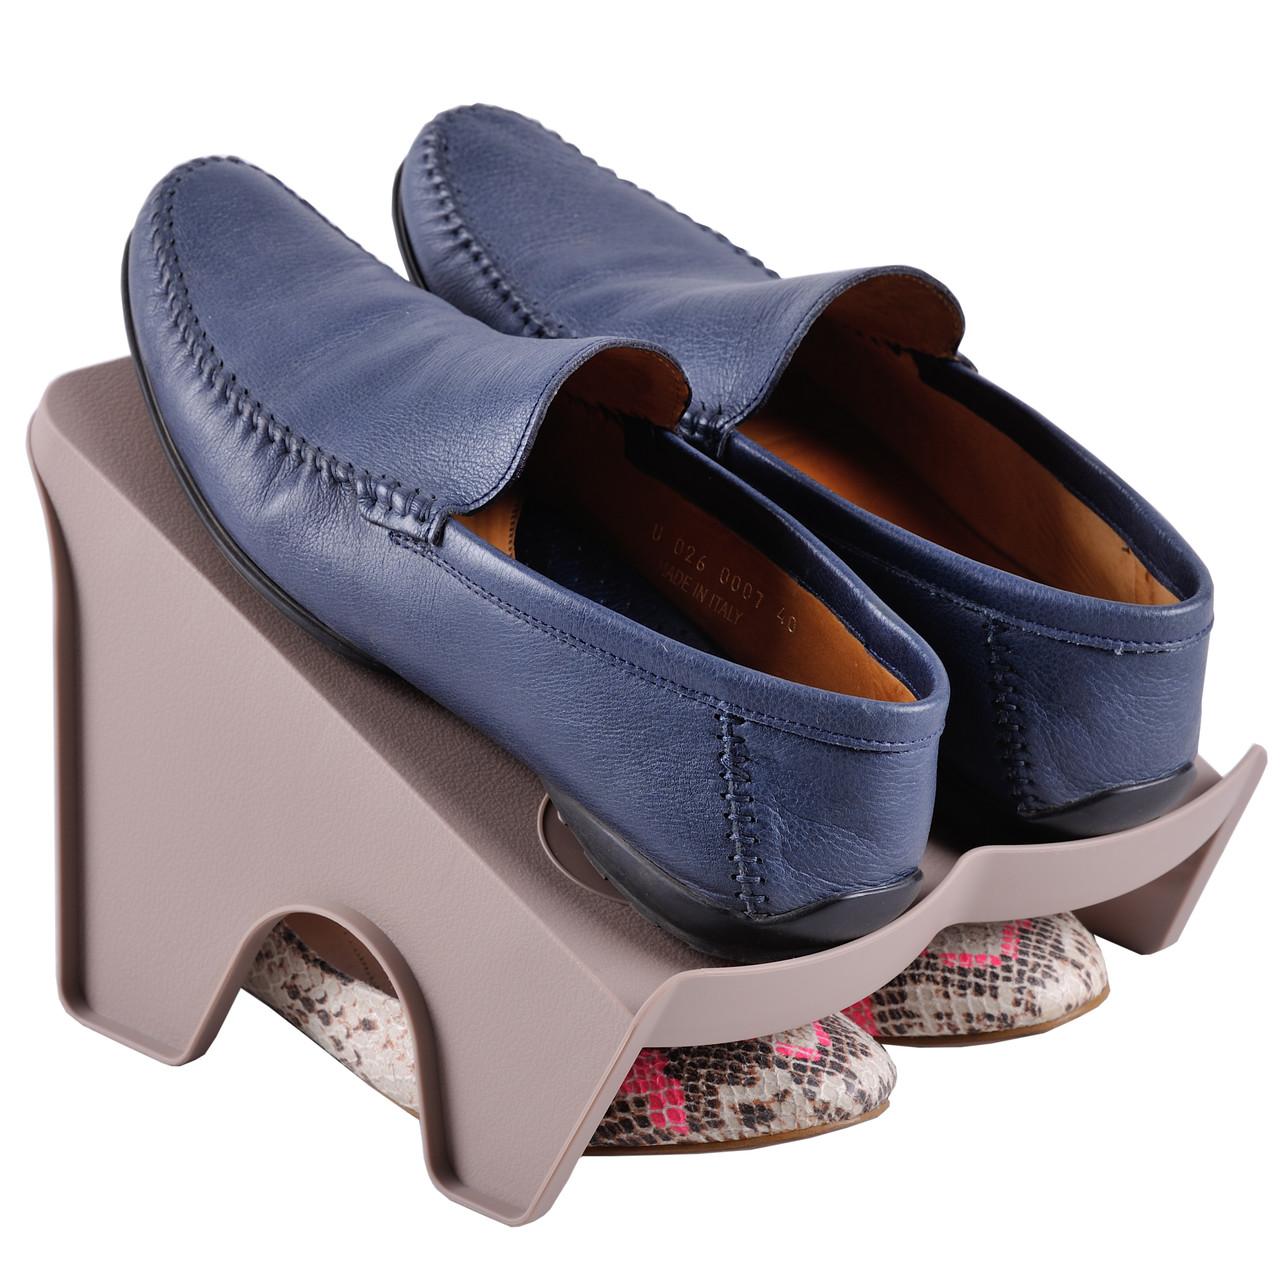 Подставка для хранения обуви коричневый BE-05B Handy-Home L - Интернет магазин Постелюшка (Домашний текстиль, сумки, товары для дома и отдыха) в Харькове